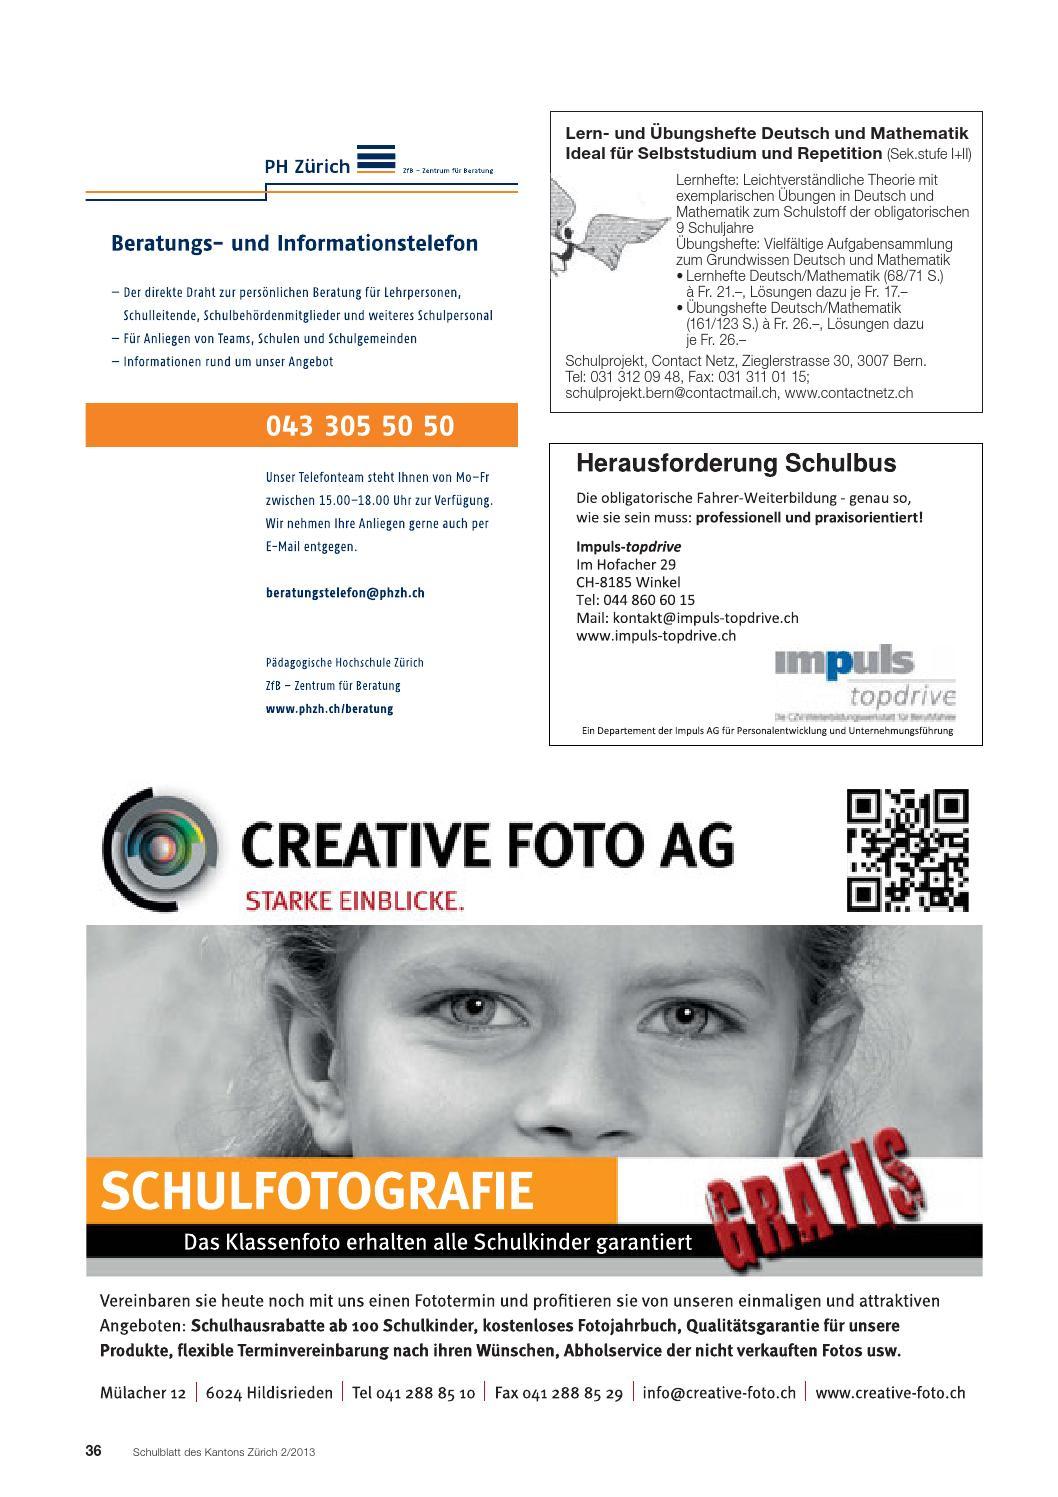 Schulblatt 2 2013 by Schulblatt Kanton Zürich - issuu